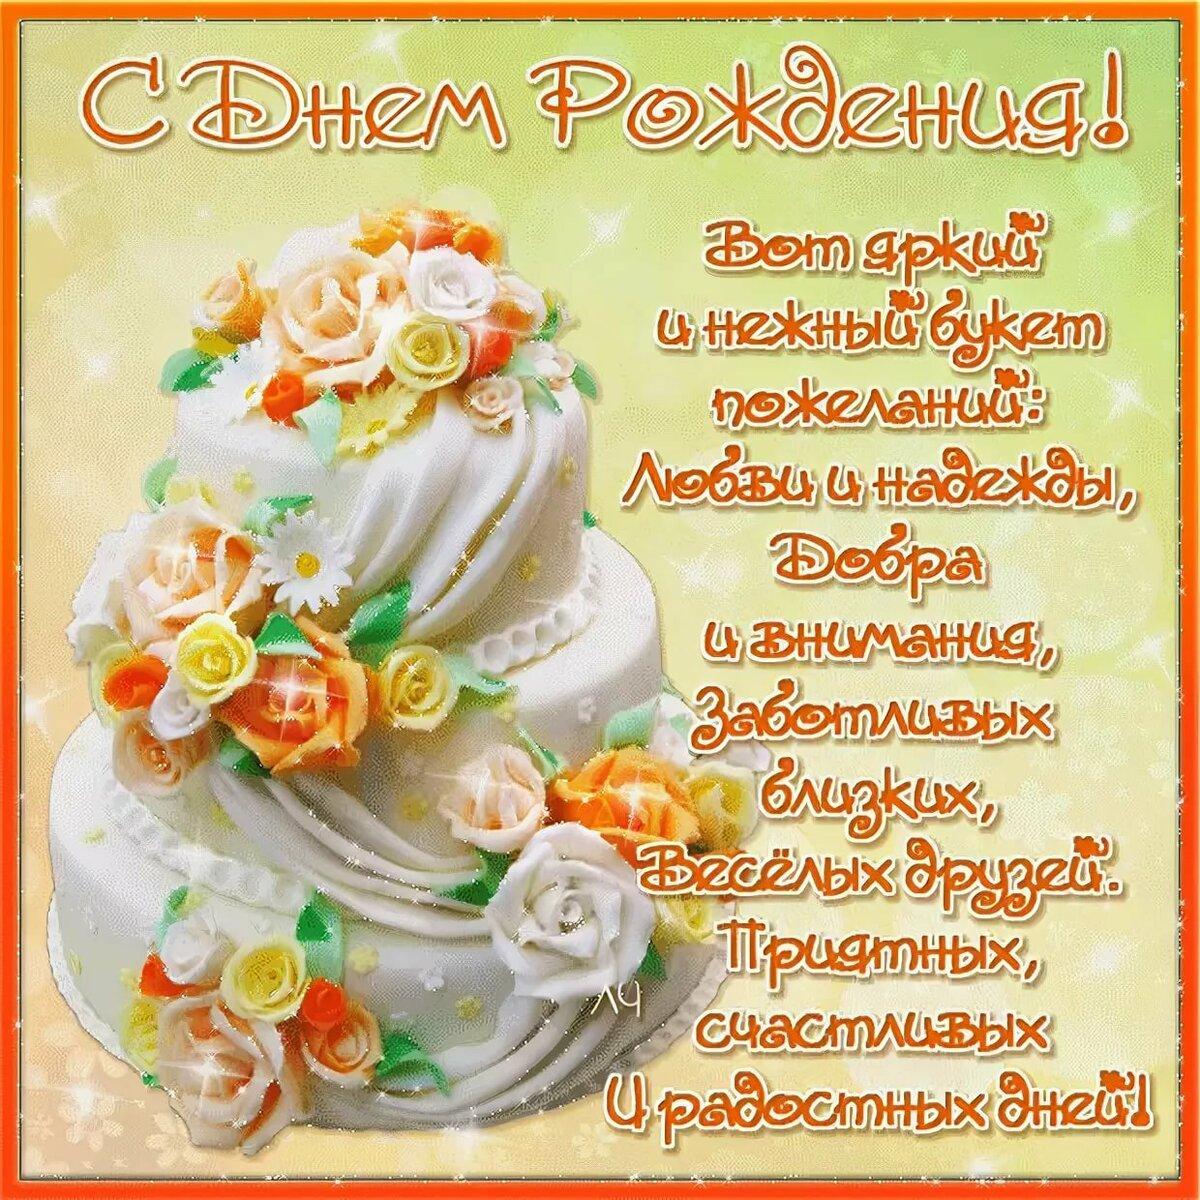 Вперед россия, музыкальная открытка с днем рождения подруге для вацап